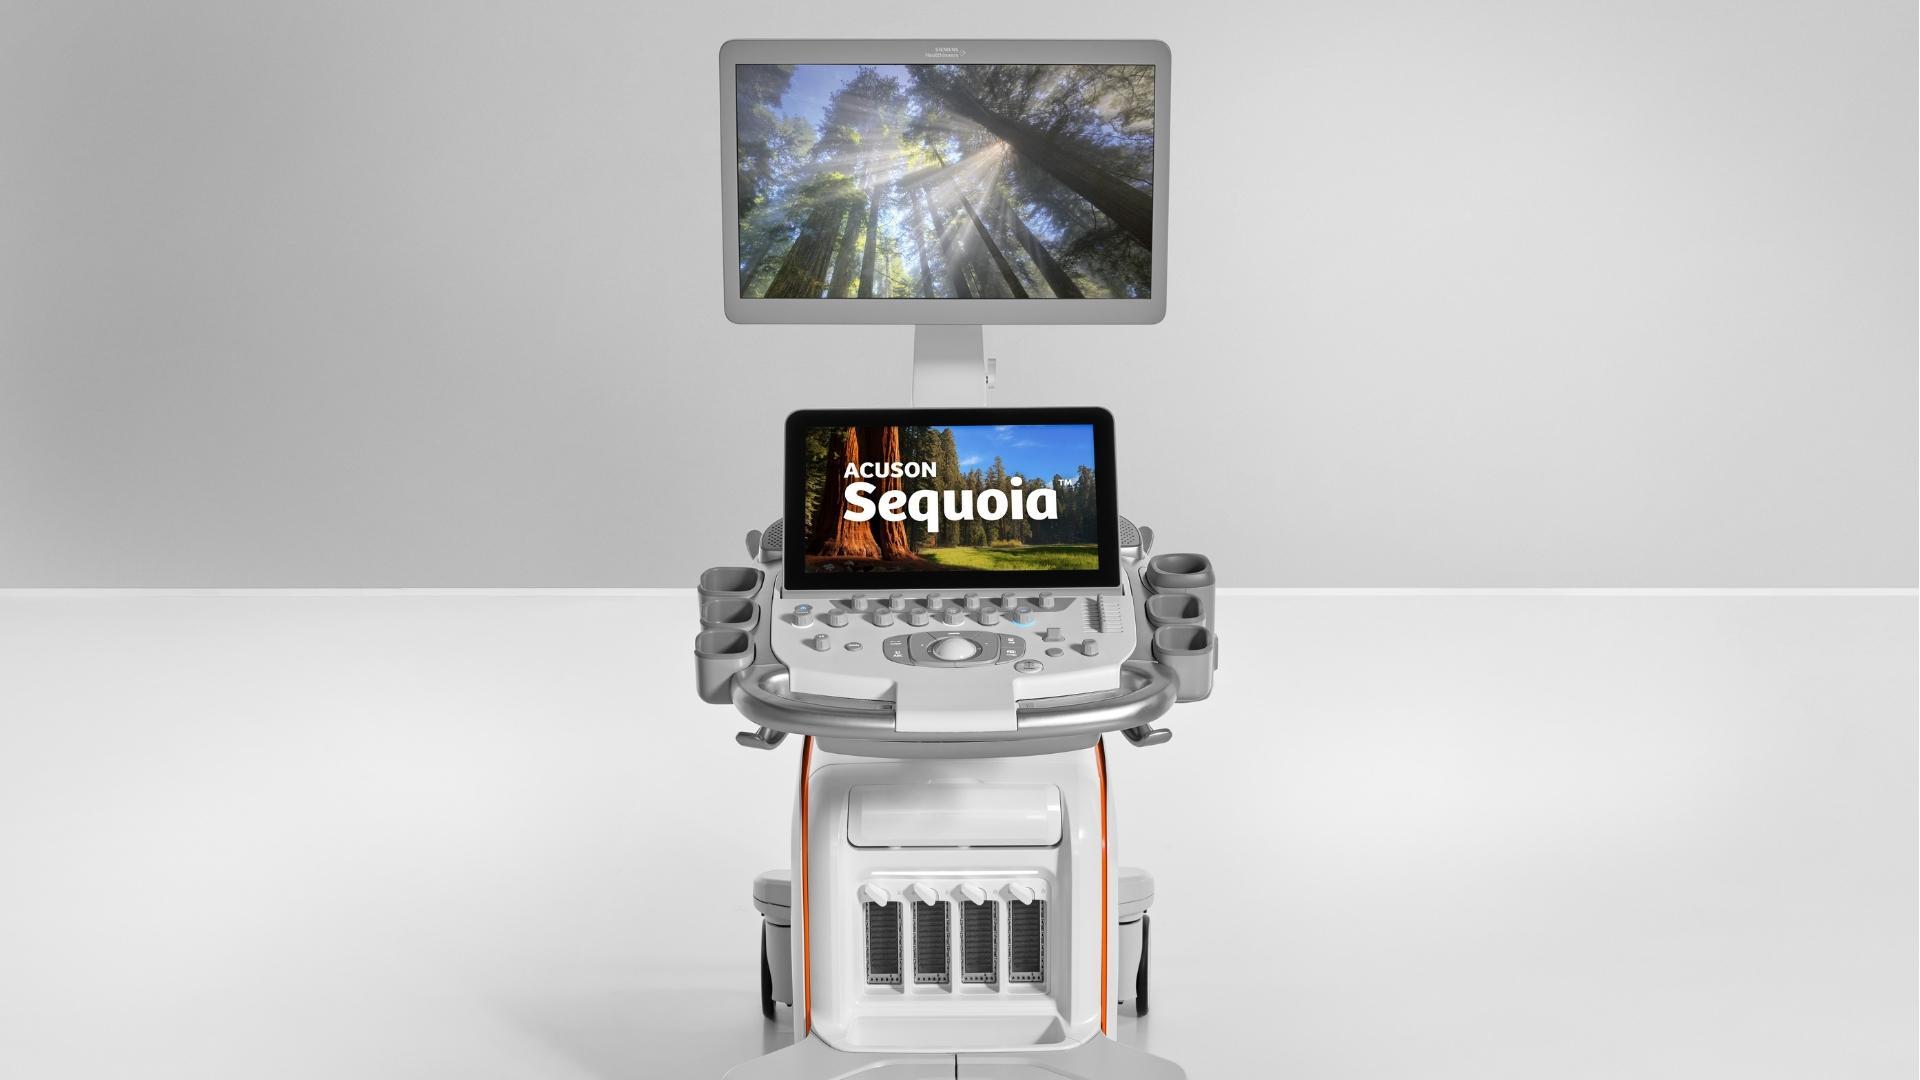 Siemens Healthineers ha annunciato il lancio del suo nuovo sistema ad ultrasuoni, Acuson Sequoia: un sistema ecografico di General Imaging sviluppato in risposta a una delle sfide più diffuse nell'ecografia di oggi, l'imaging di pazienti di diverse dimensioni eseguito con coerenza e chiarezza diagnostica.